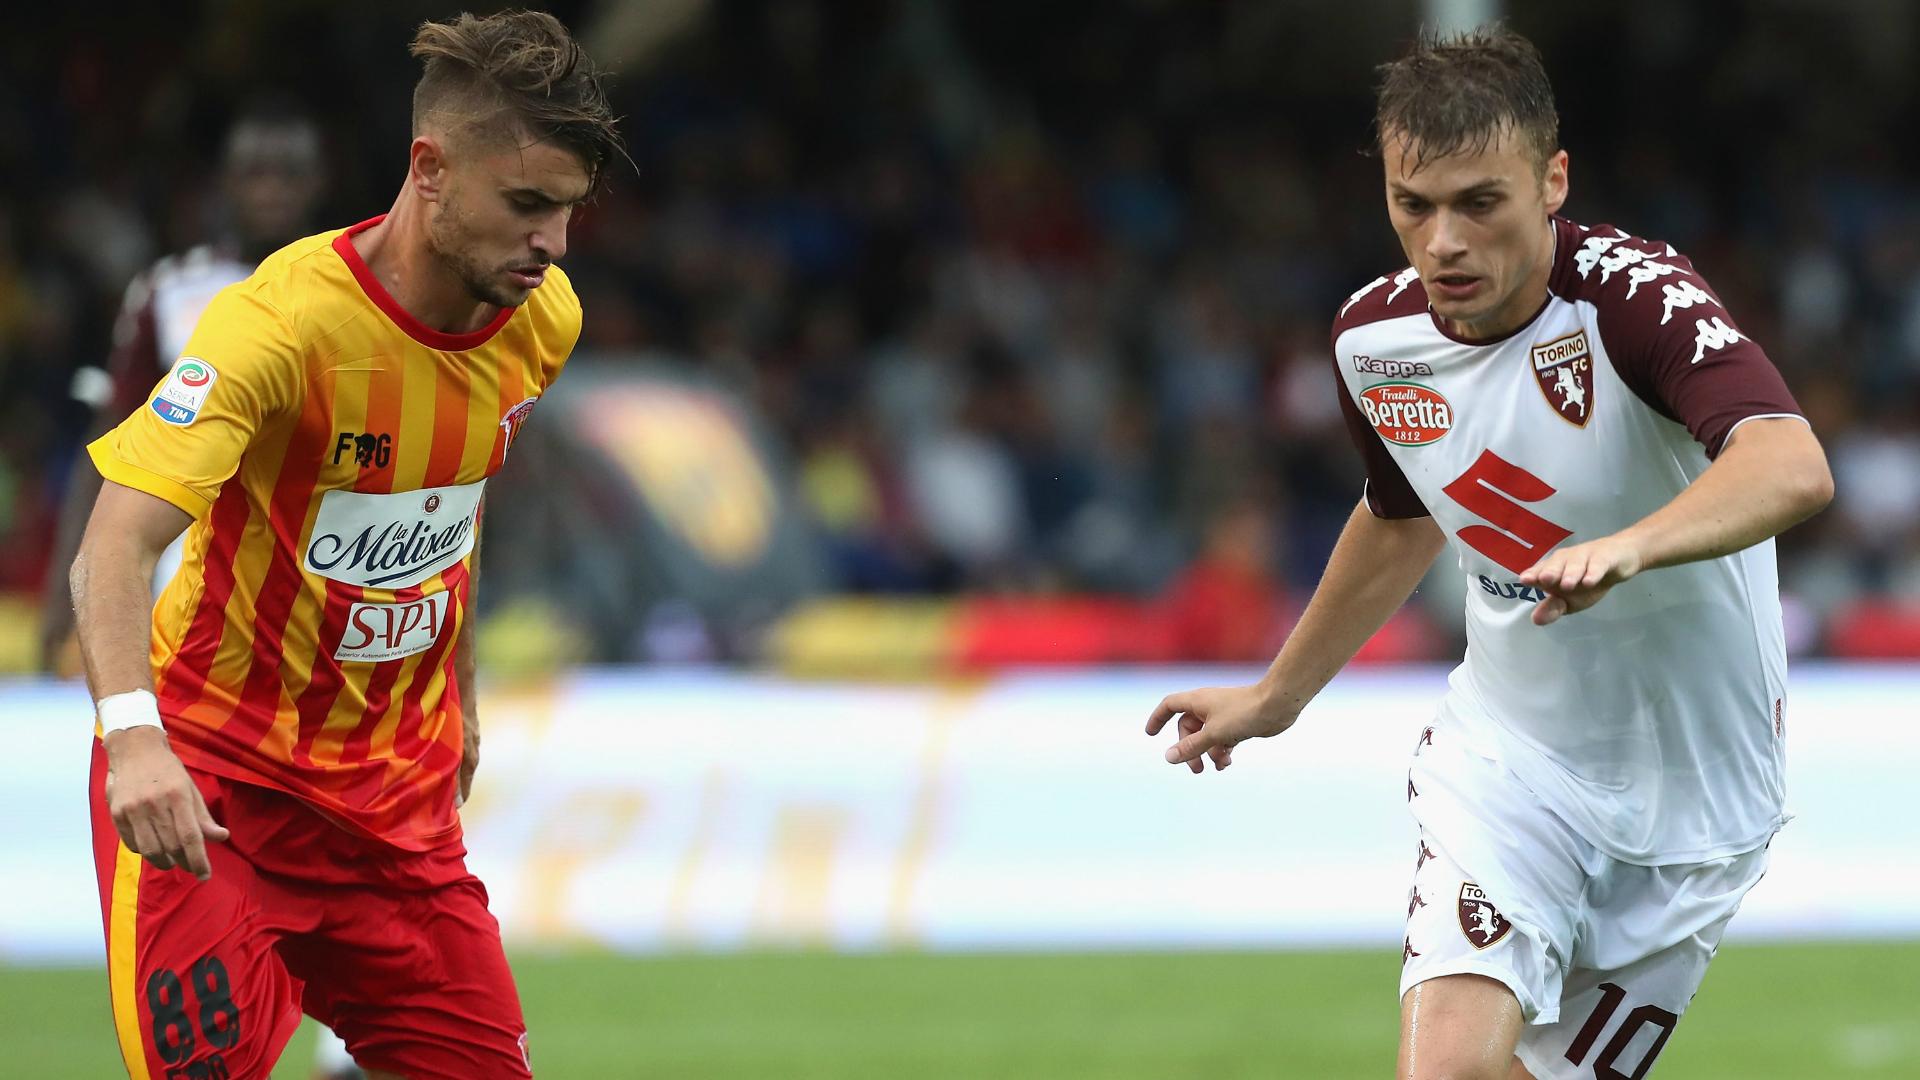 Benevento vs Torino, le probabili formazioni: Stregoni per la 1° vittoria